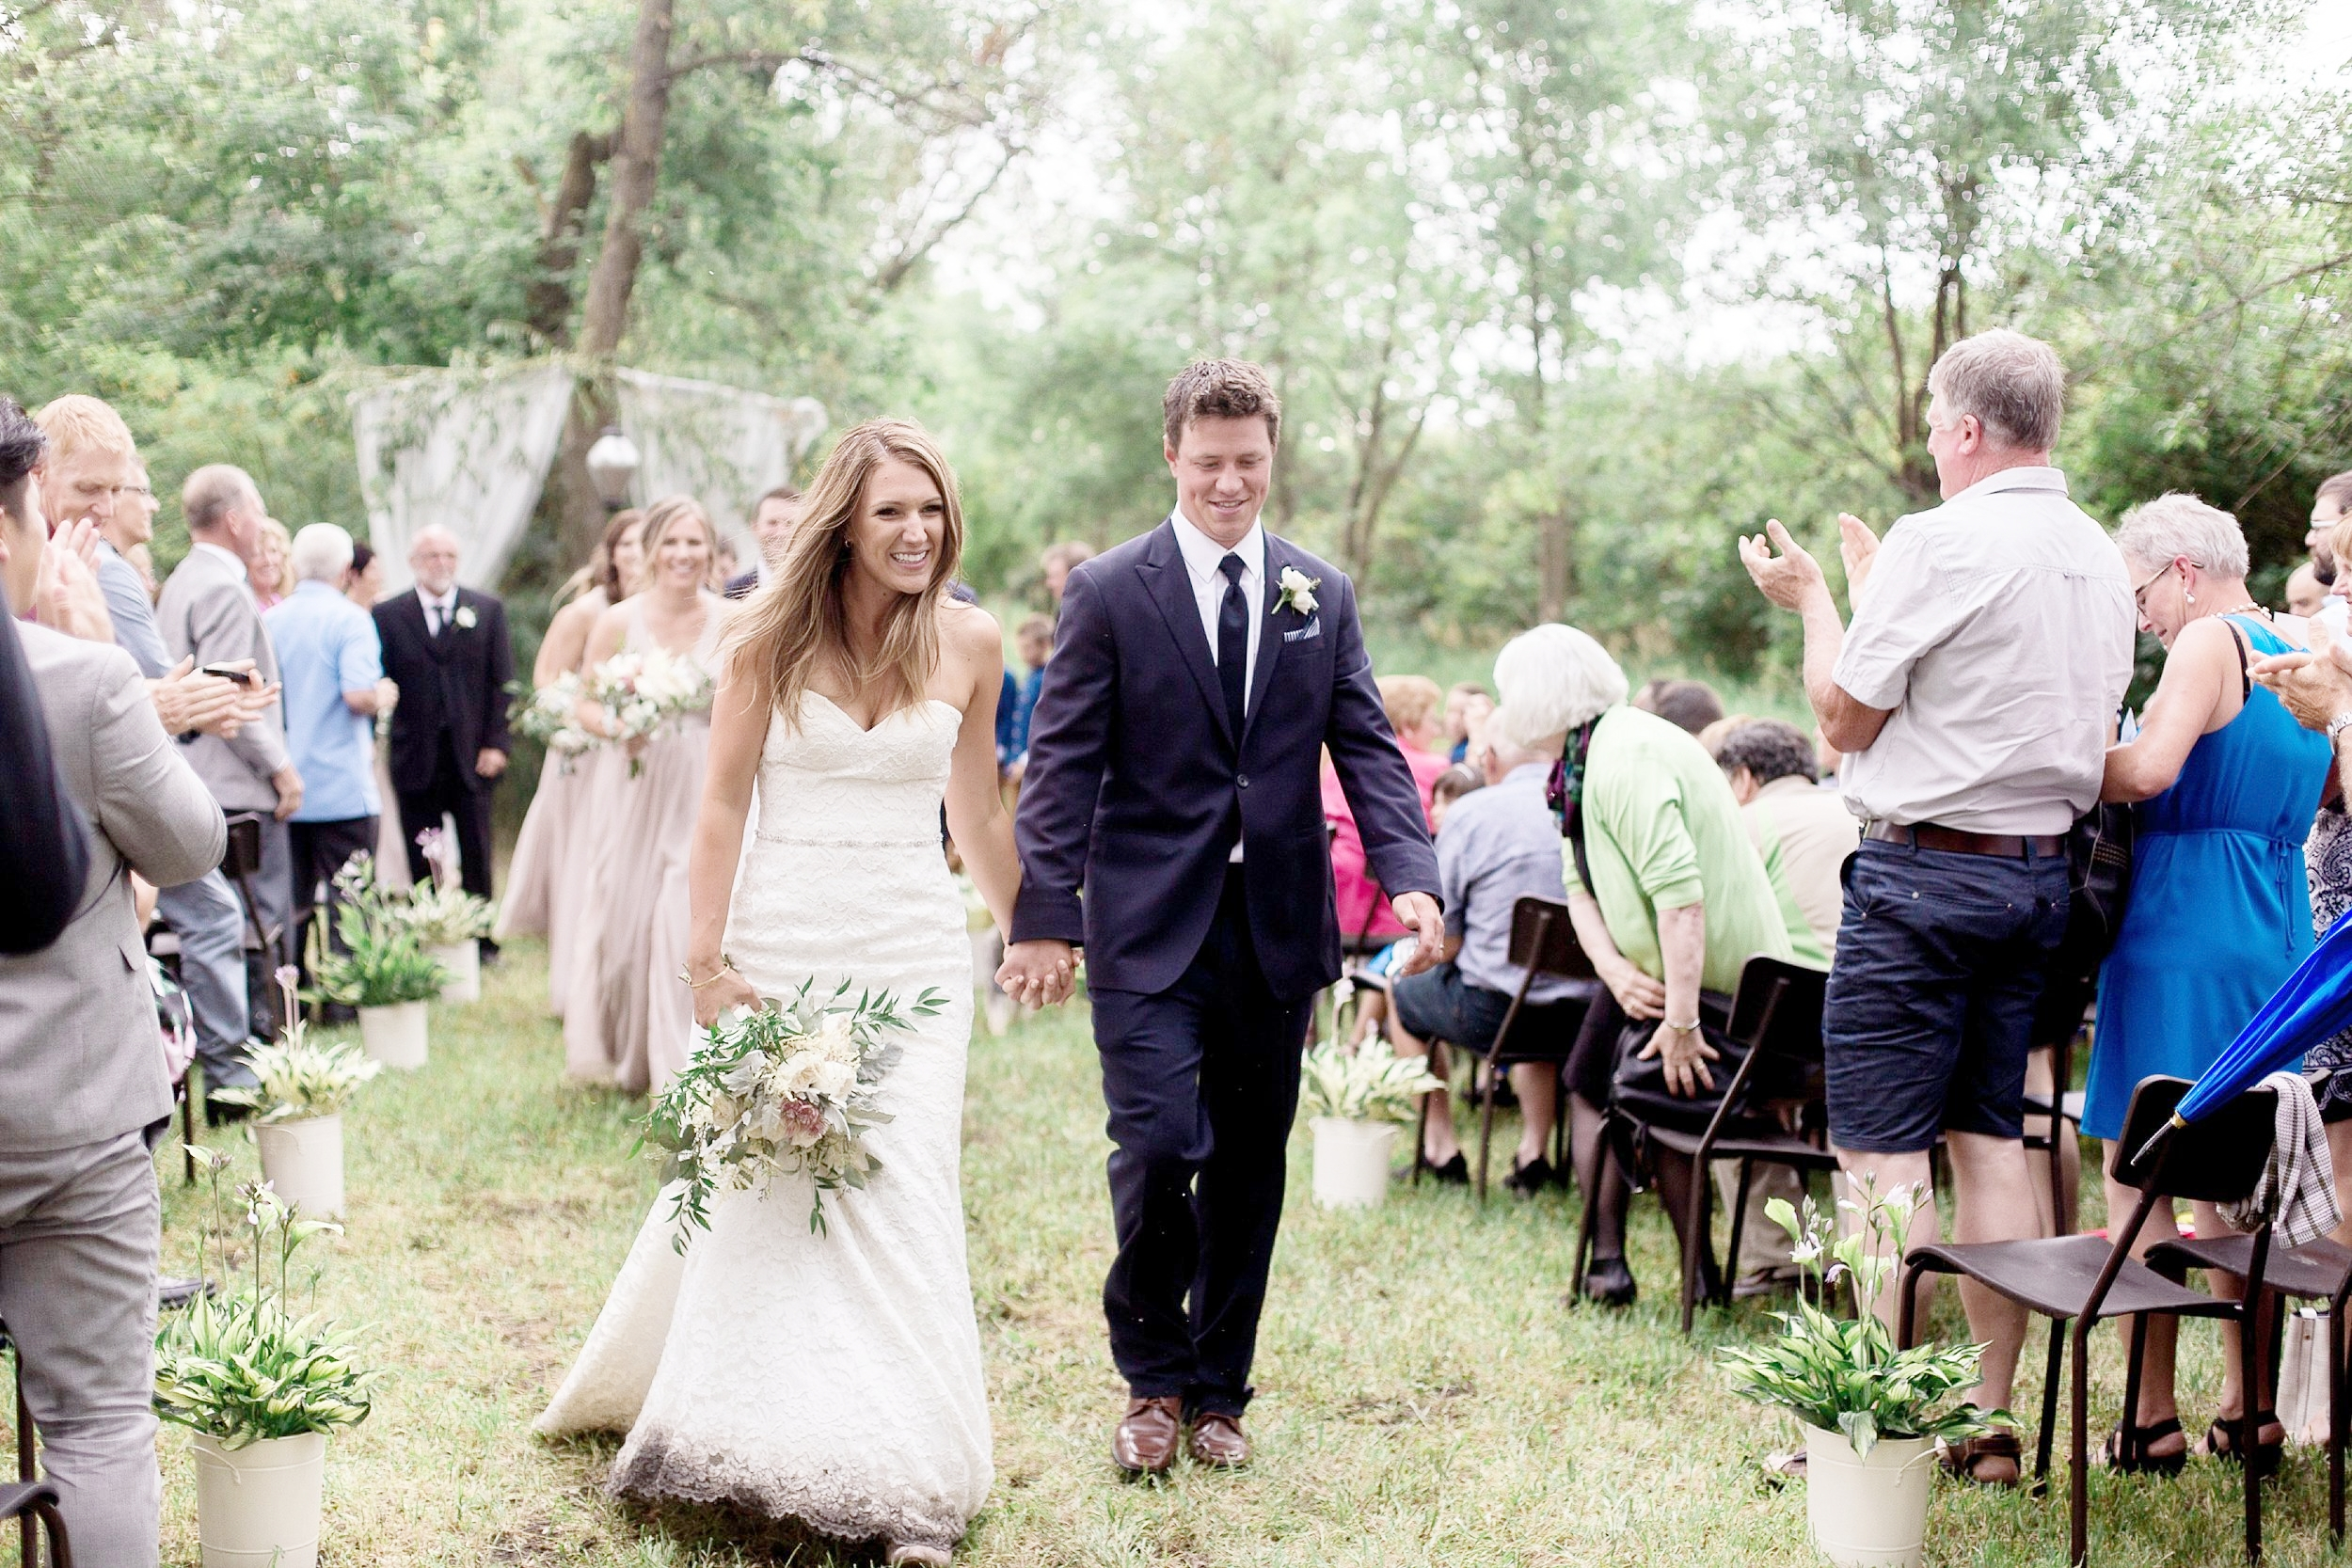 Toronto wedding photographer   Keila Marie Photography   Garden inspired wedding   Intimate backyard wedding